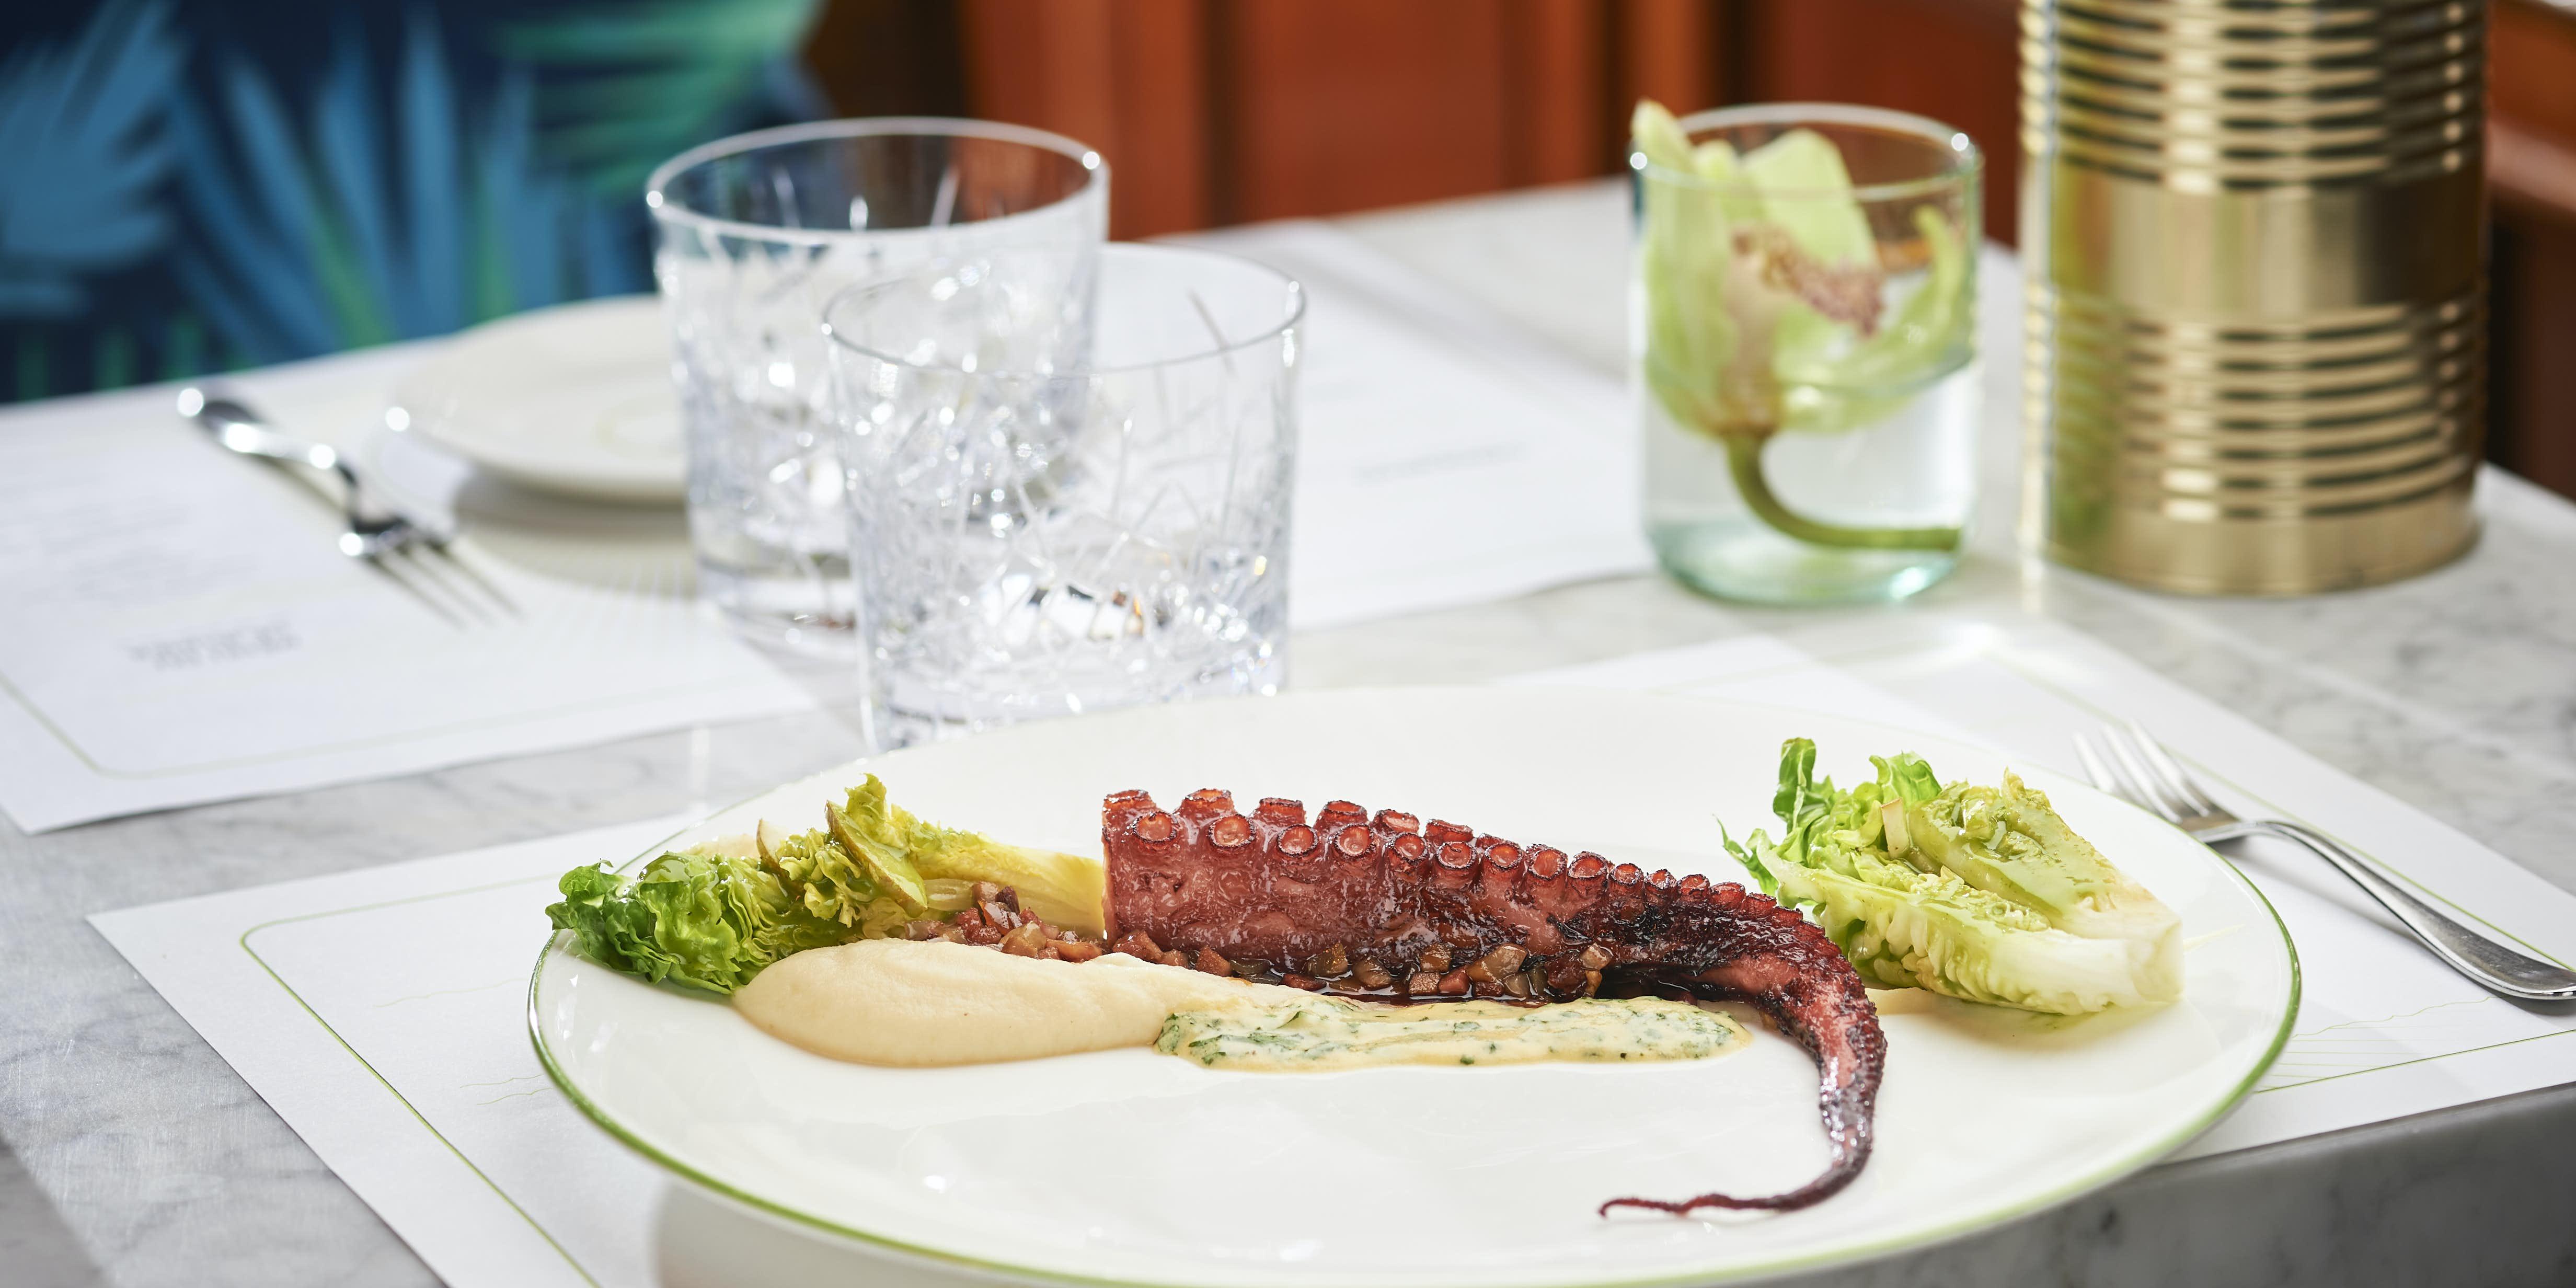 Eventlocation in München - Private Veranstaltungen mit moderner französischer Küche à la Tim Raue